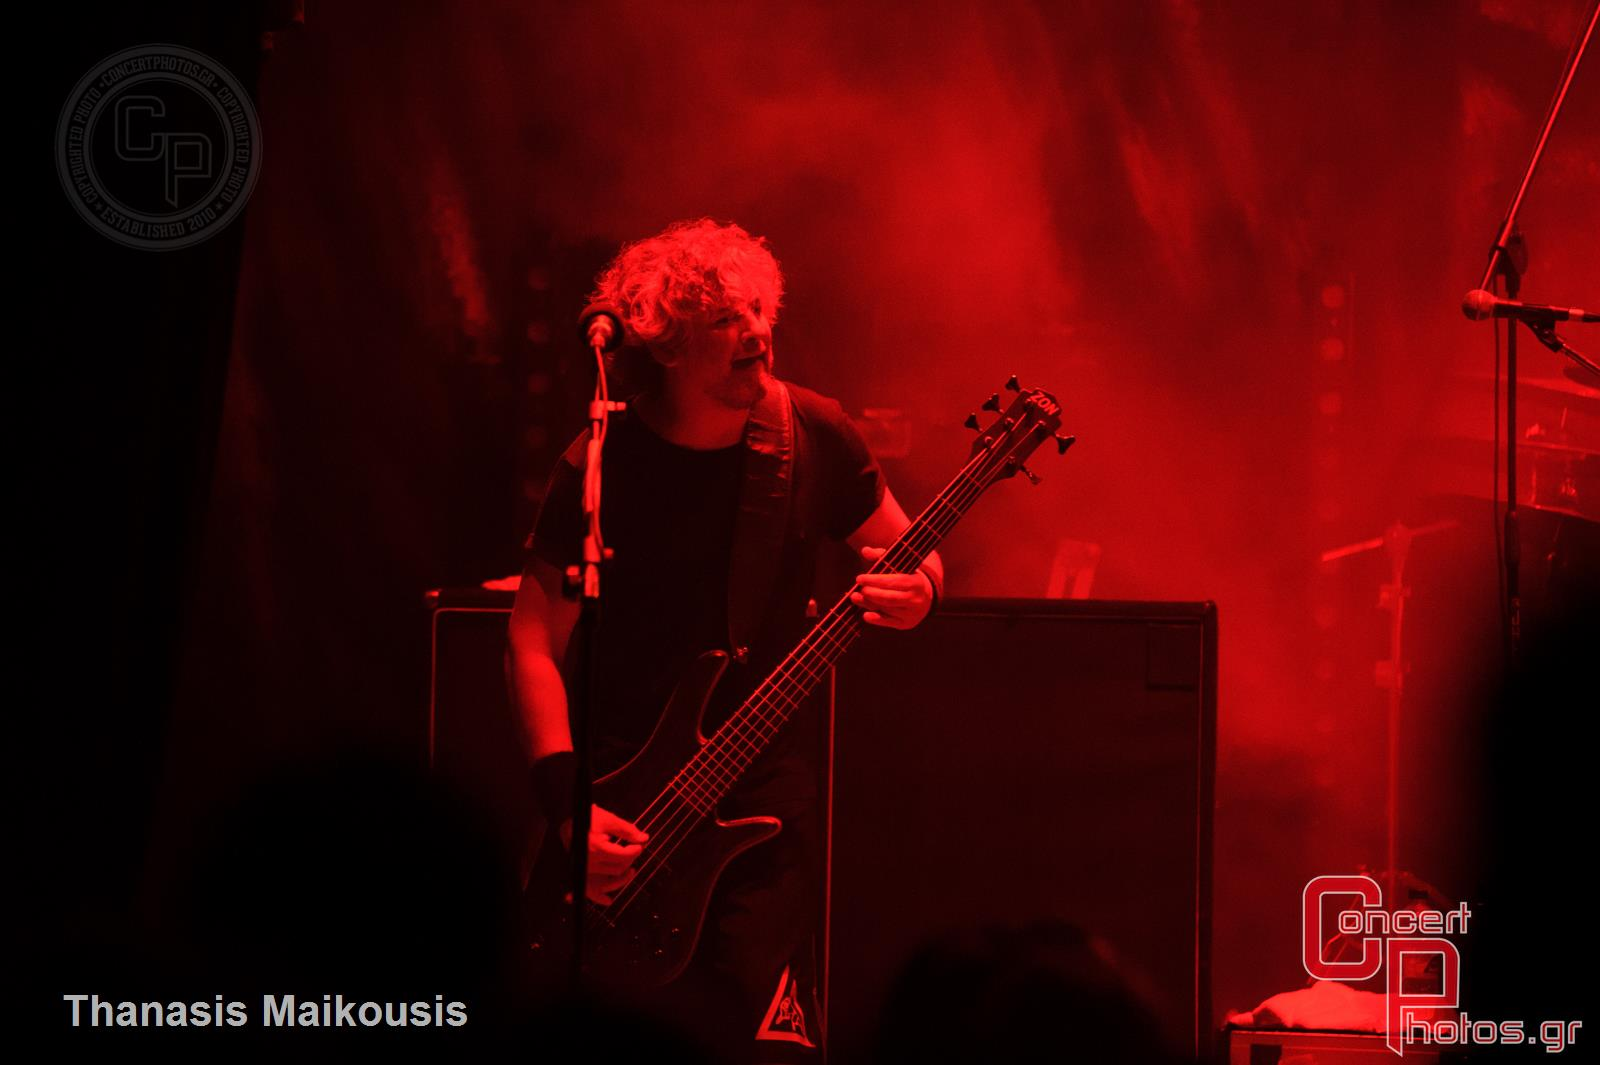 Sepultura-Sepultira photographer: Thanasis Maikousis - concertphotos_20140703_22_18_55